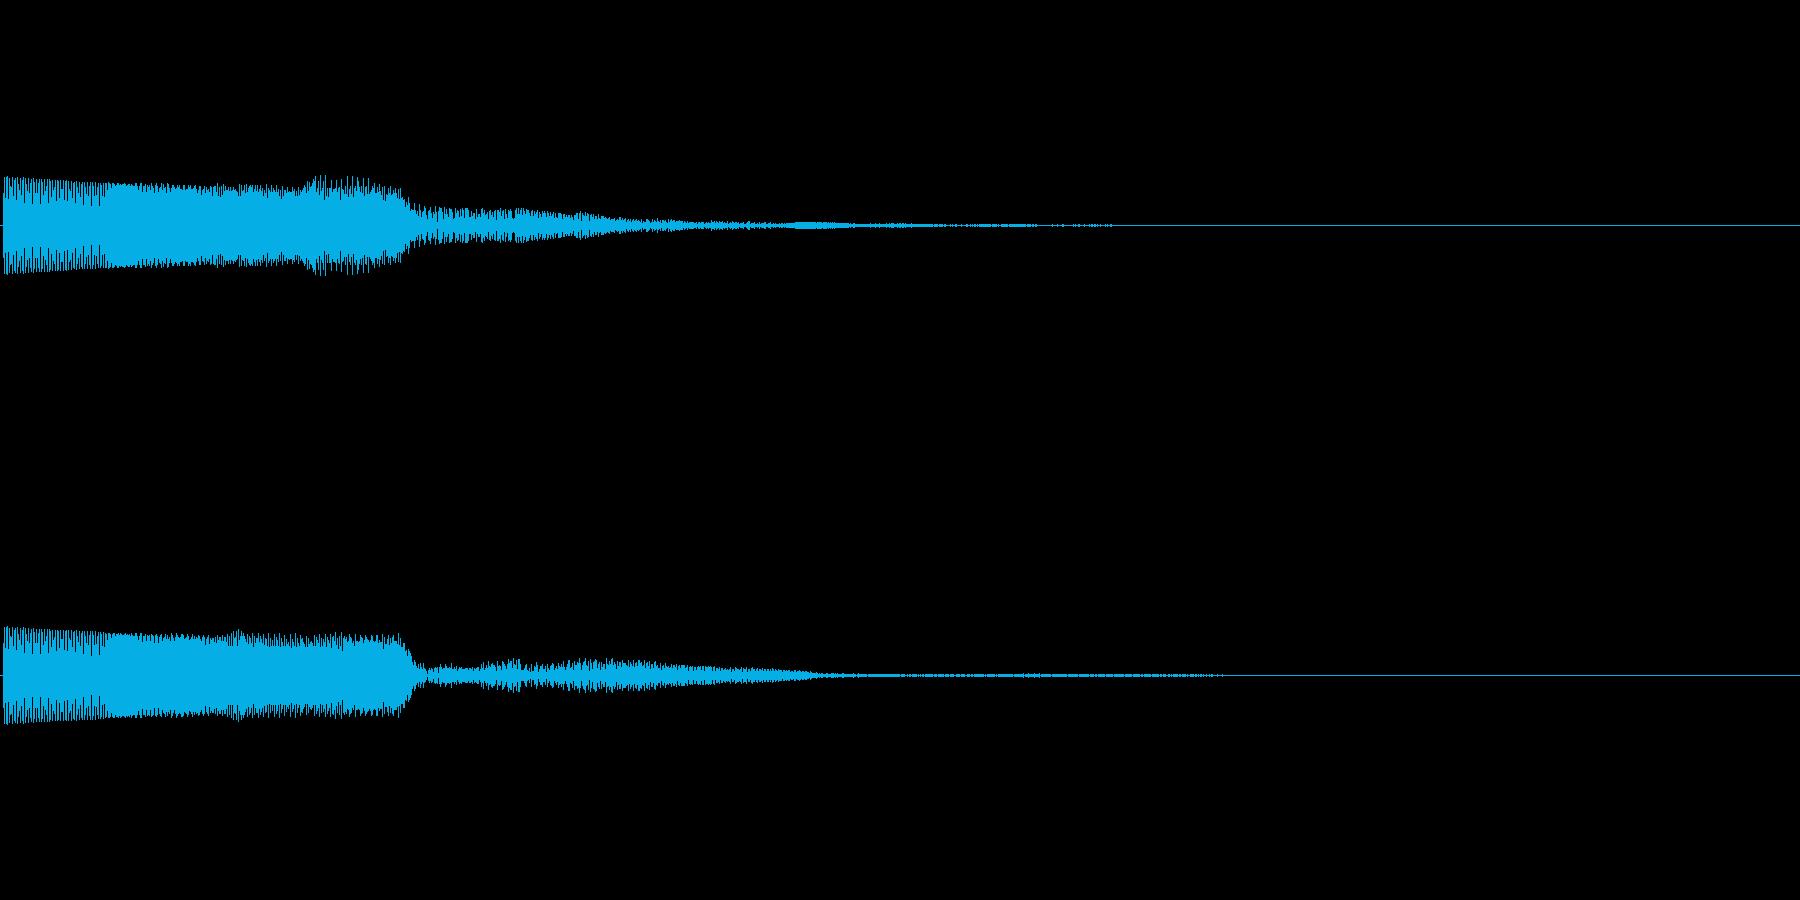 ピコーン(ゲーム・アプリ等の項目決定音)の再生済みの波形